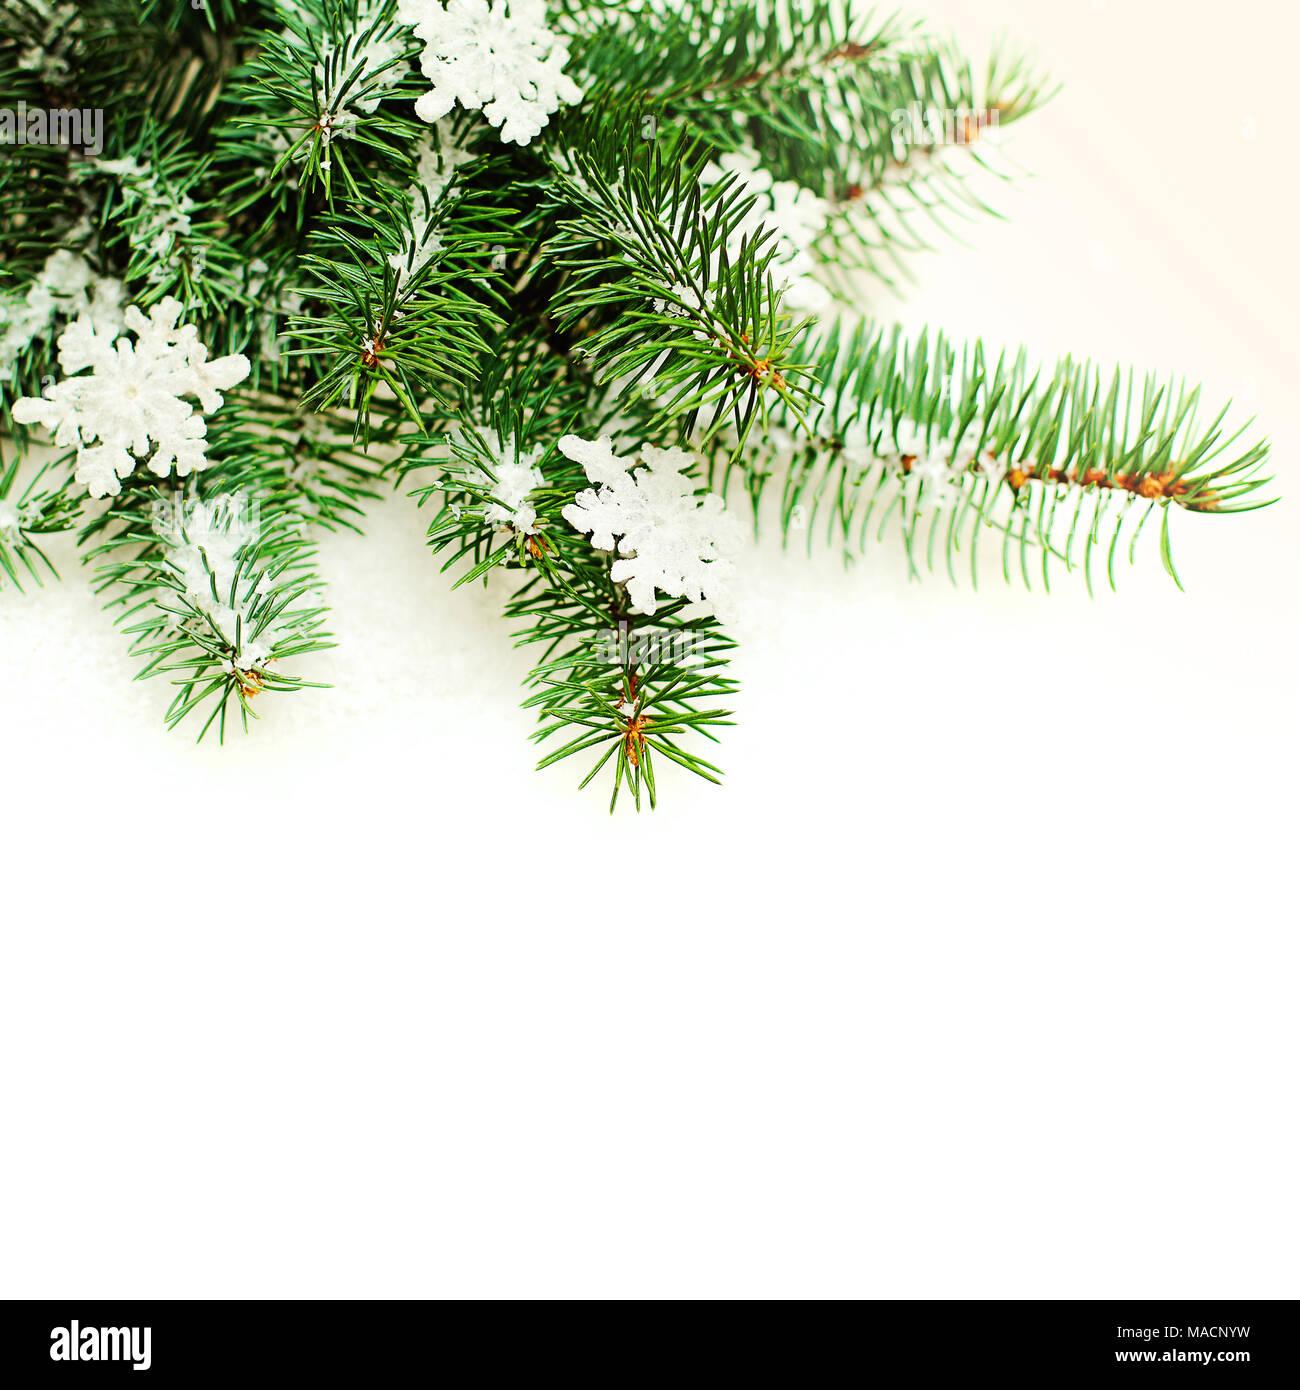 Weihnachten Grenze mit Schneeflocke und Green Xmas Tree Zweig ...